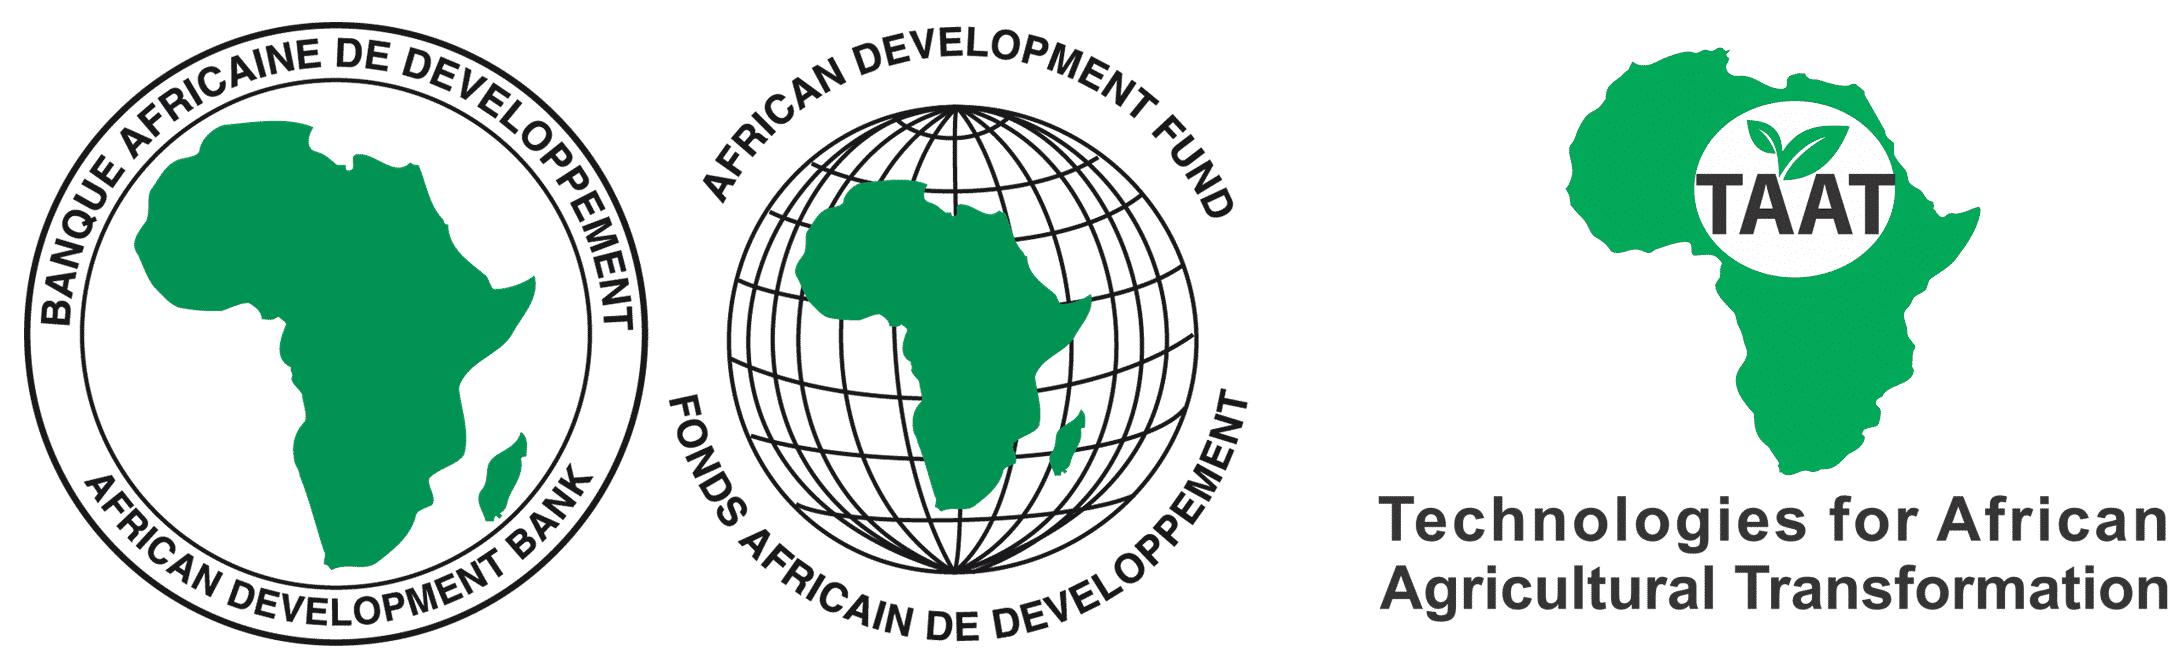 Taat-Africa